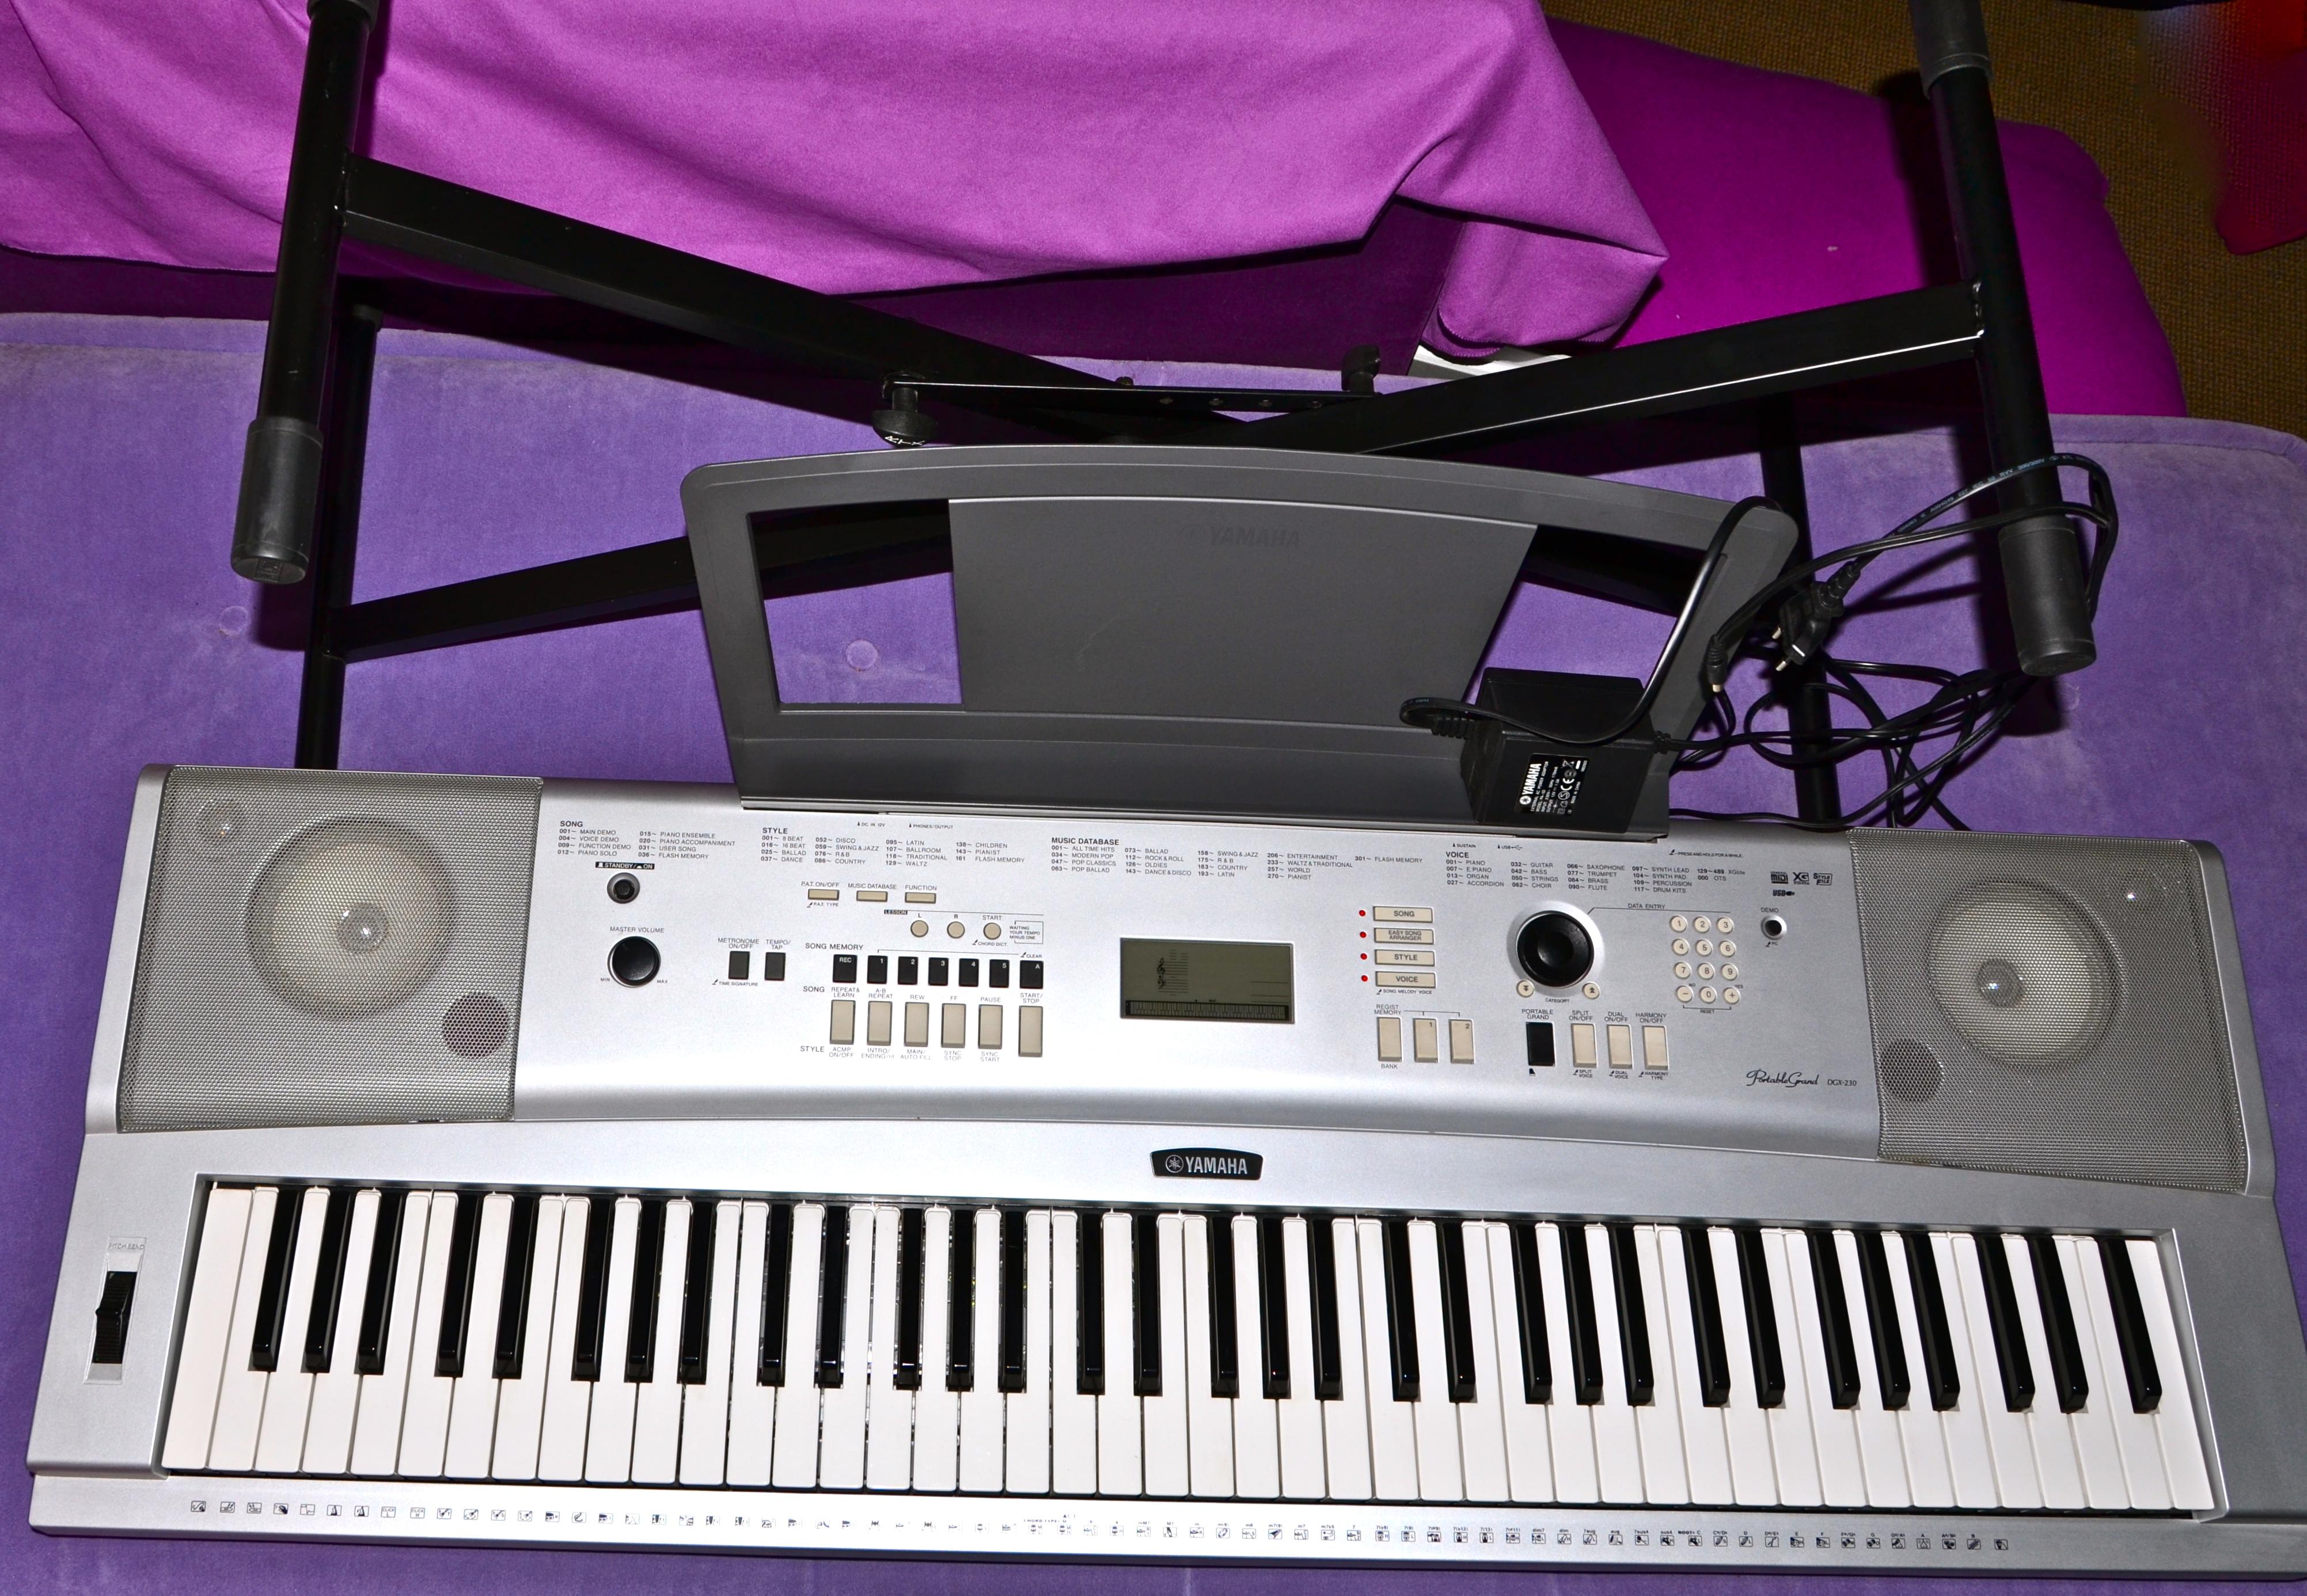 yamaha dgx 230 image 598165 audiofanzine rh en audiofanzine com yamaha dgx-230 manual español yamaha dgx 230 service manual